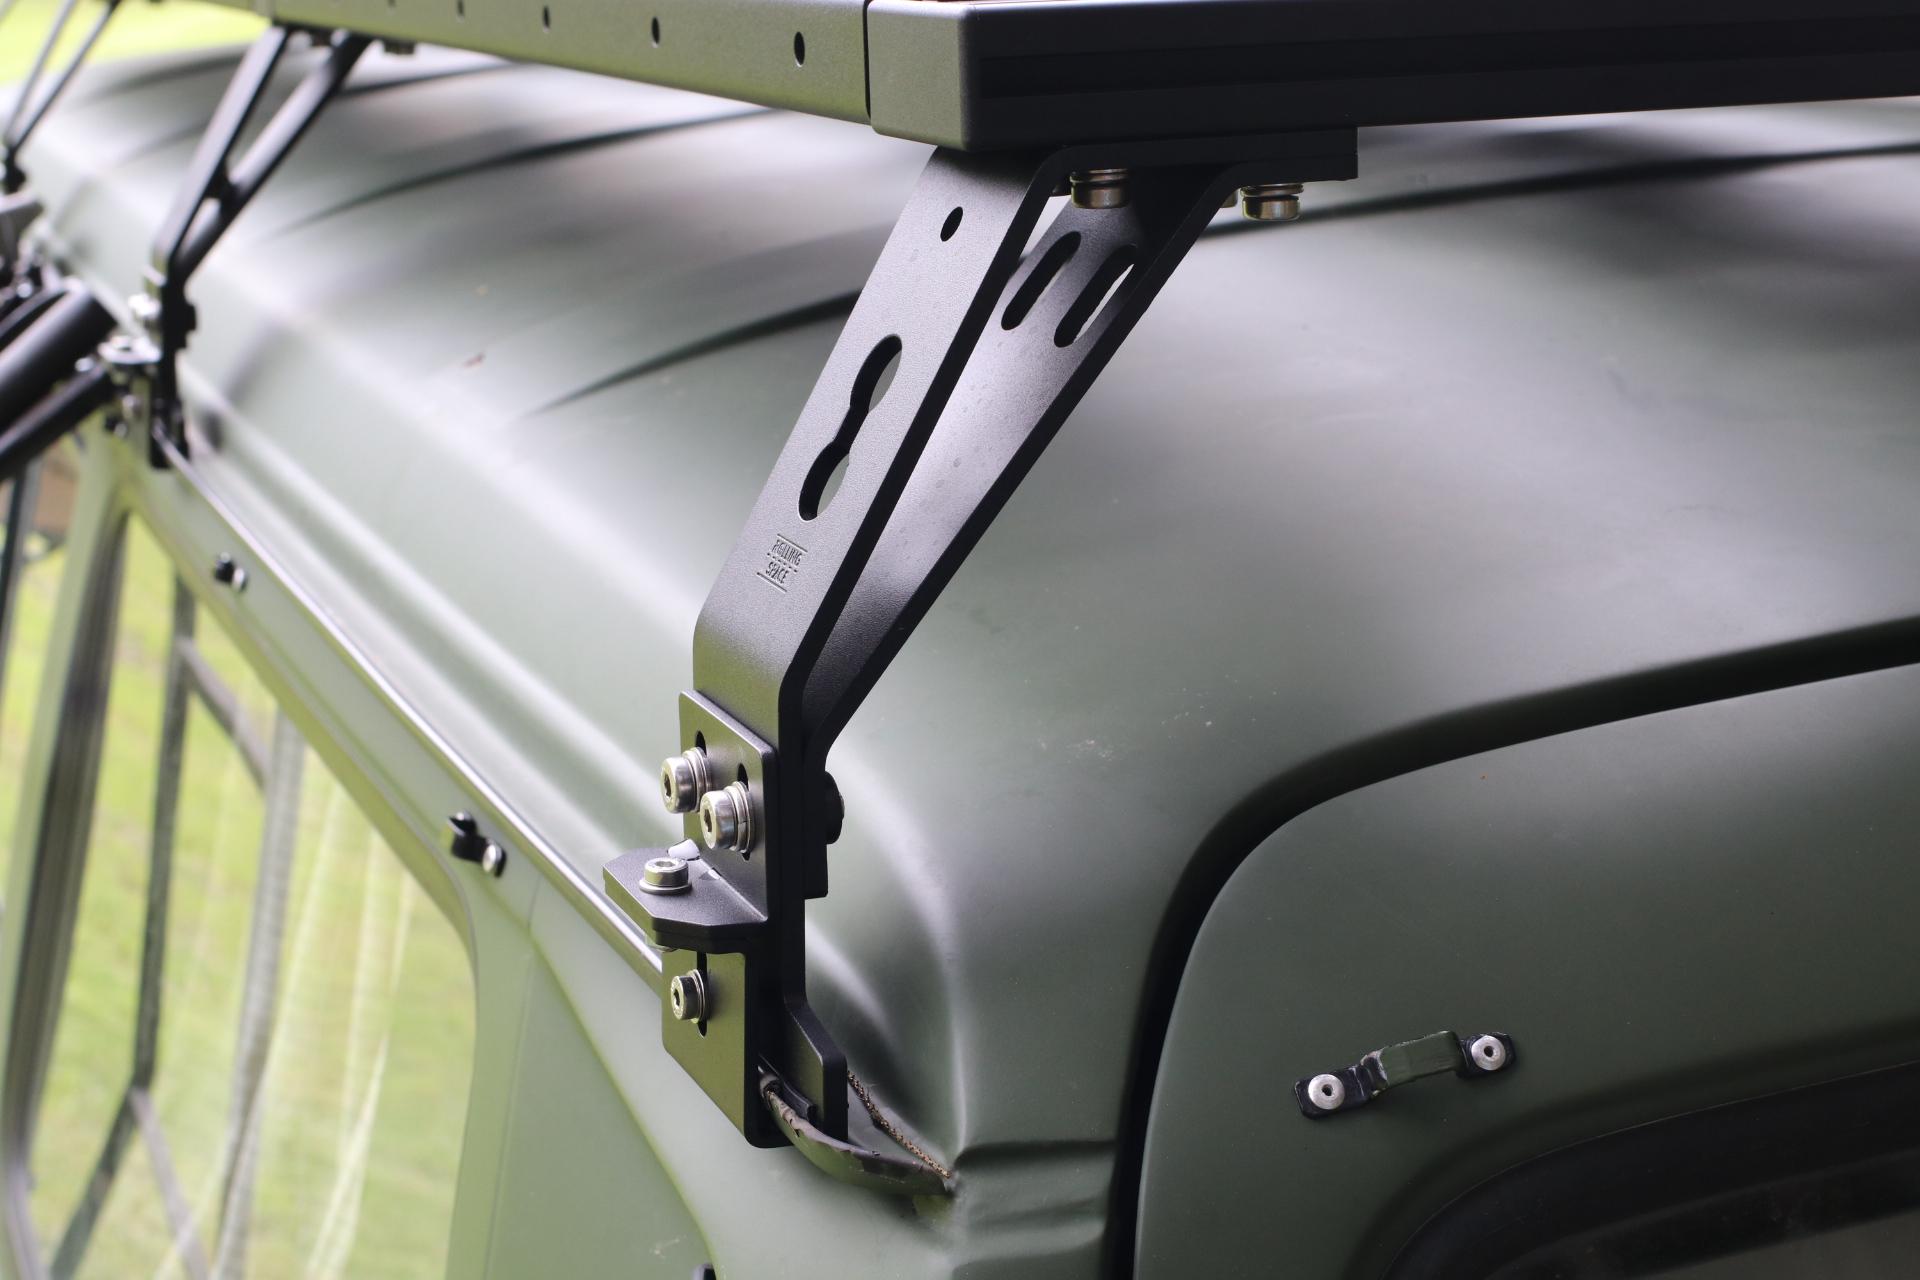 Dachträger Defender 110 Schiebedach frei  - SpaceRack modular | ultraflach | robust